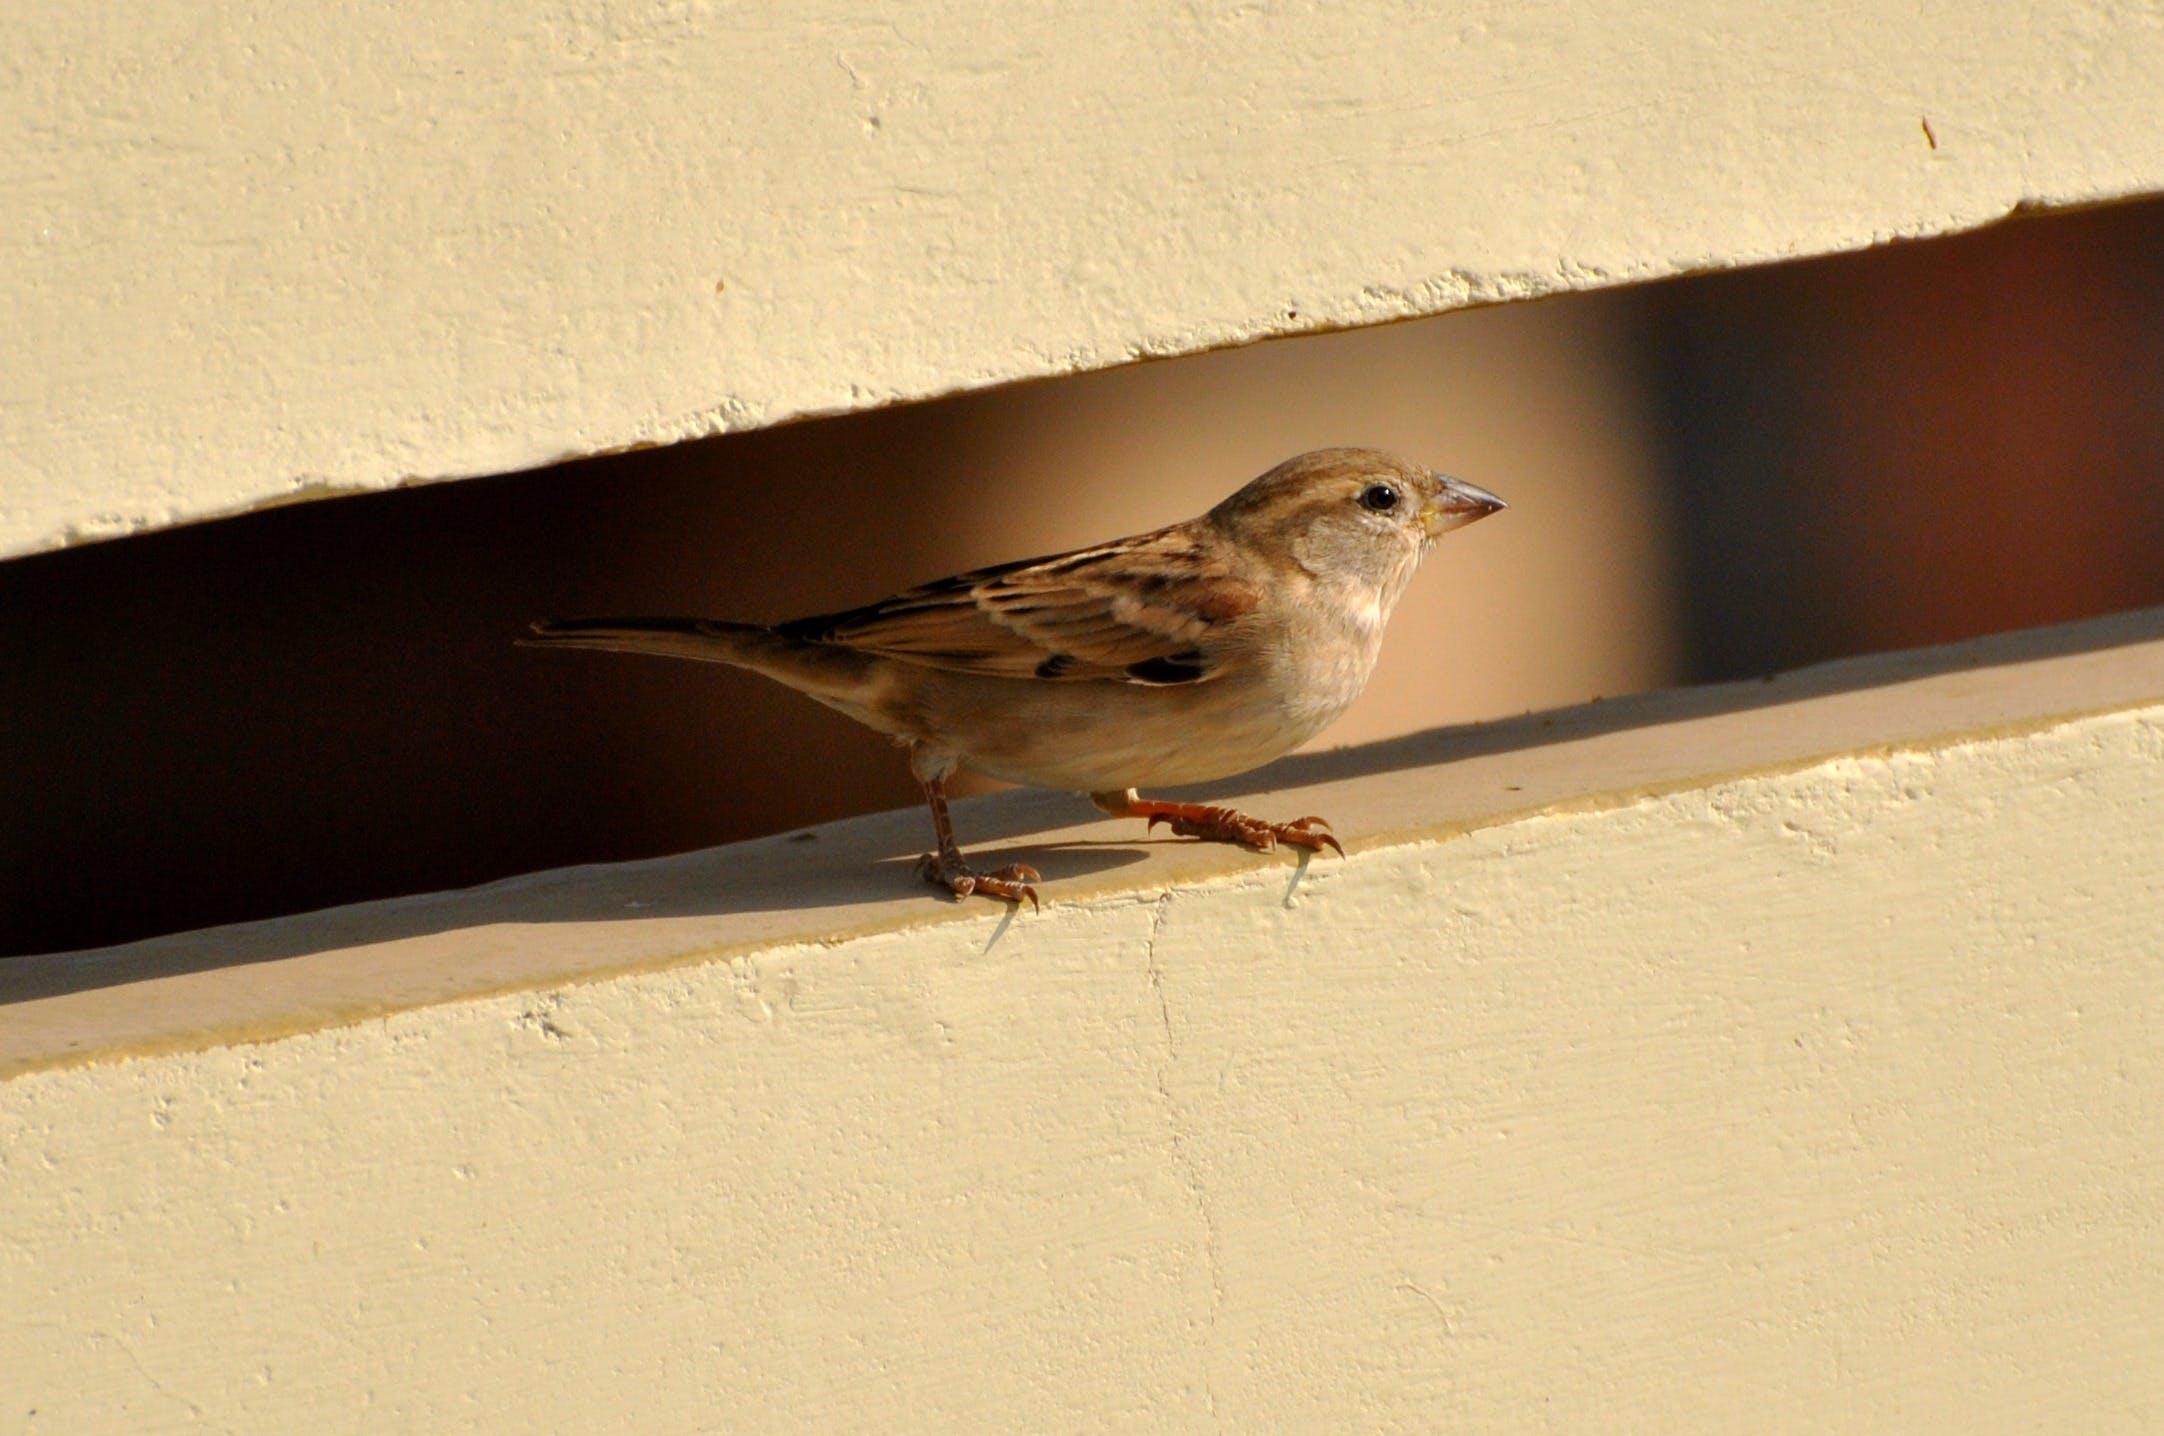 スズメ, 動物, 止まり木の無料の写真素材